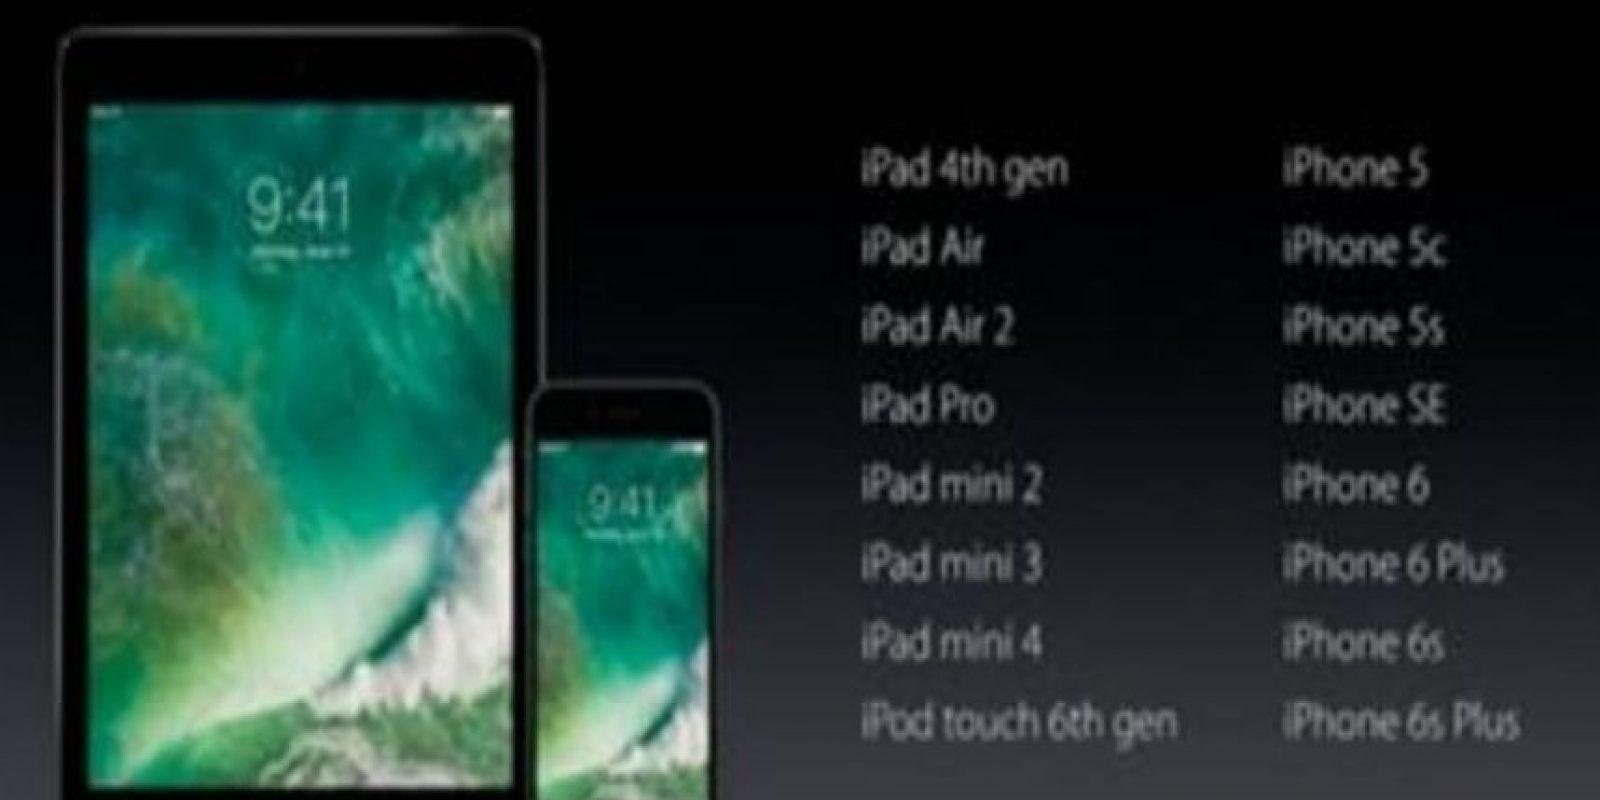 En estos dispositivos podrán instalar iOS 10 Foto:Apple. Imagen Por: